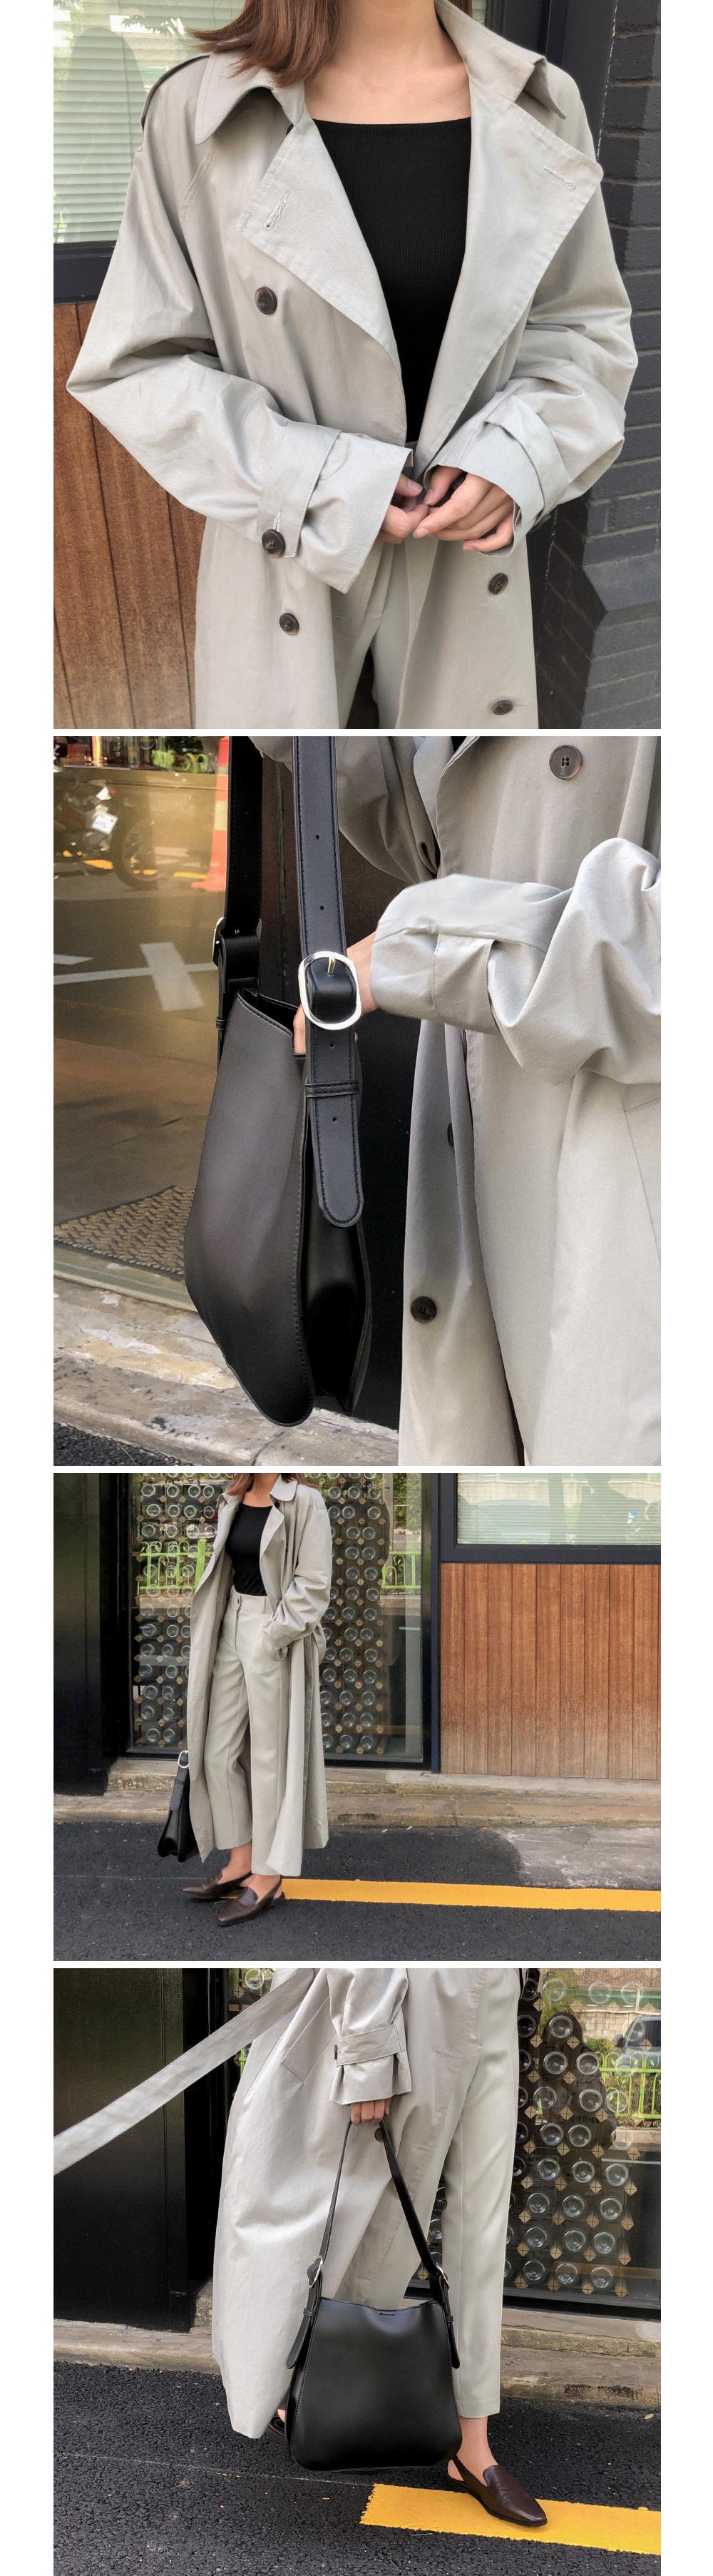 classy buckle shoulder bag